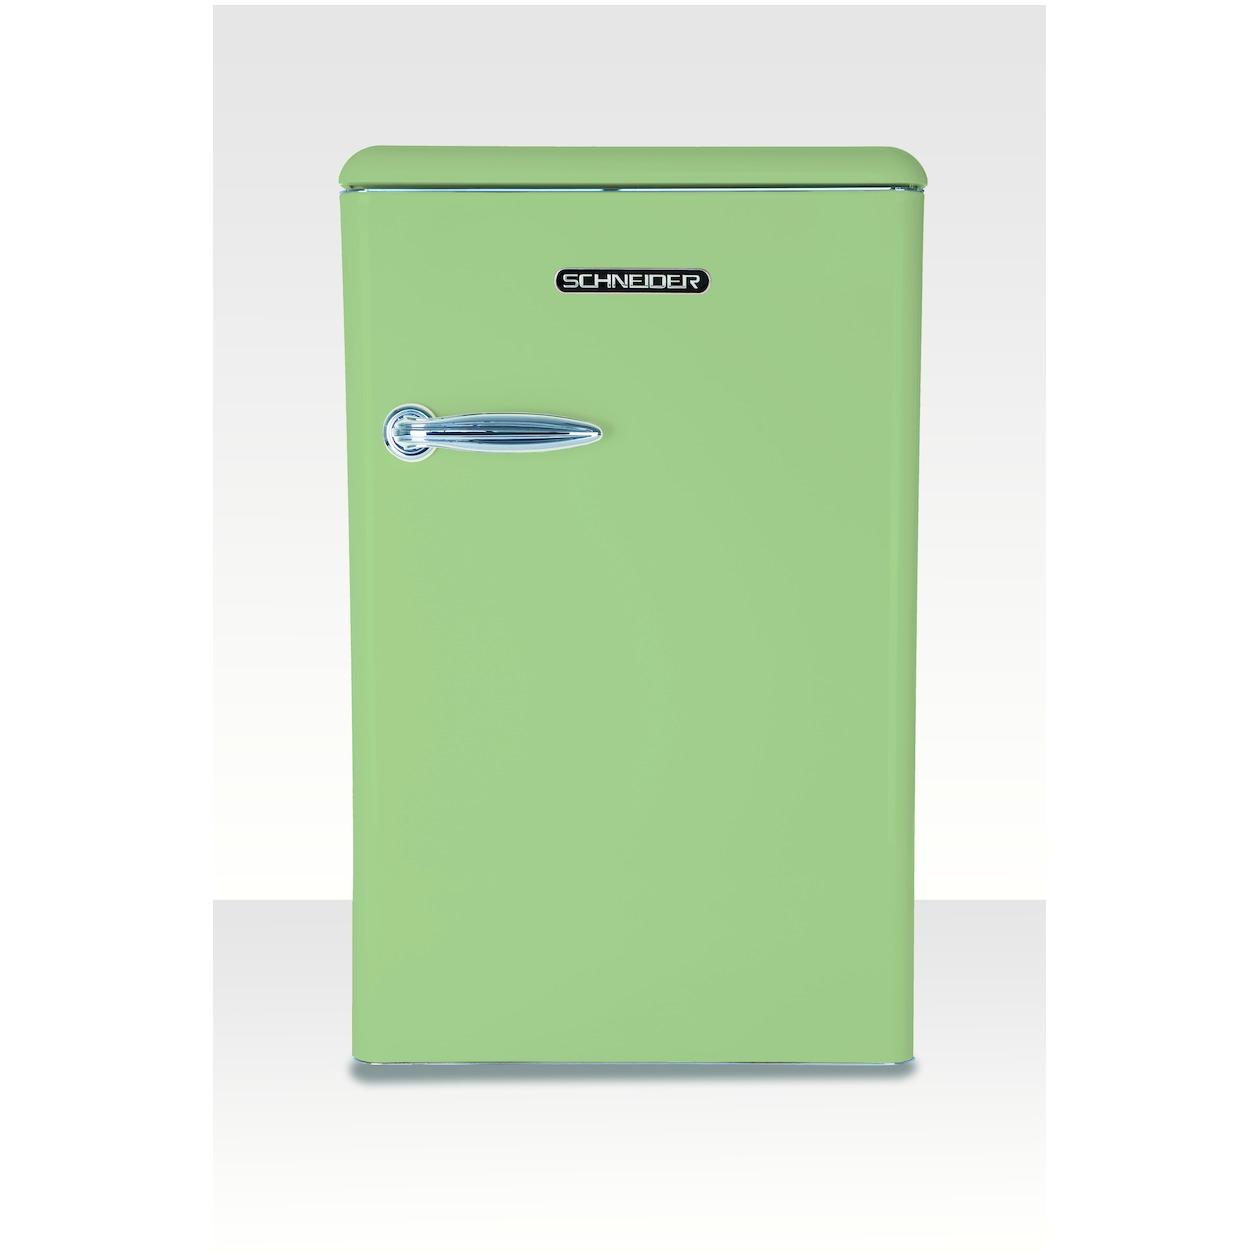 Schneider koelkast zonder vriesvak SL 130 SG-TT A++ Green